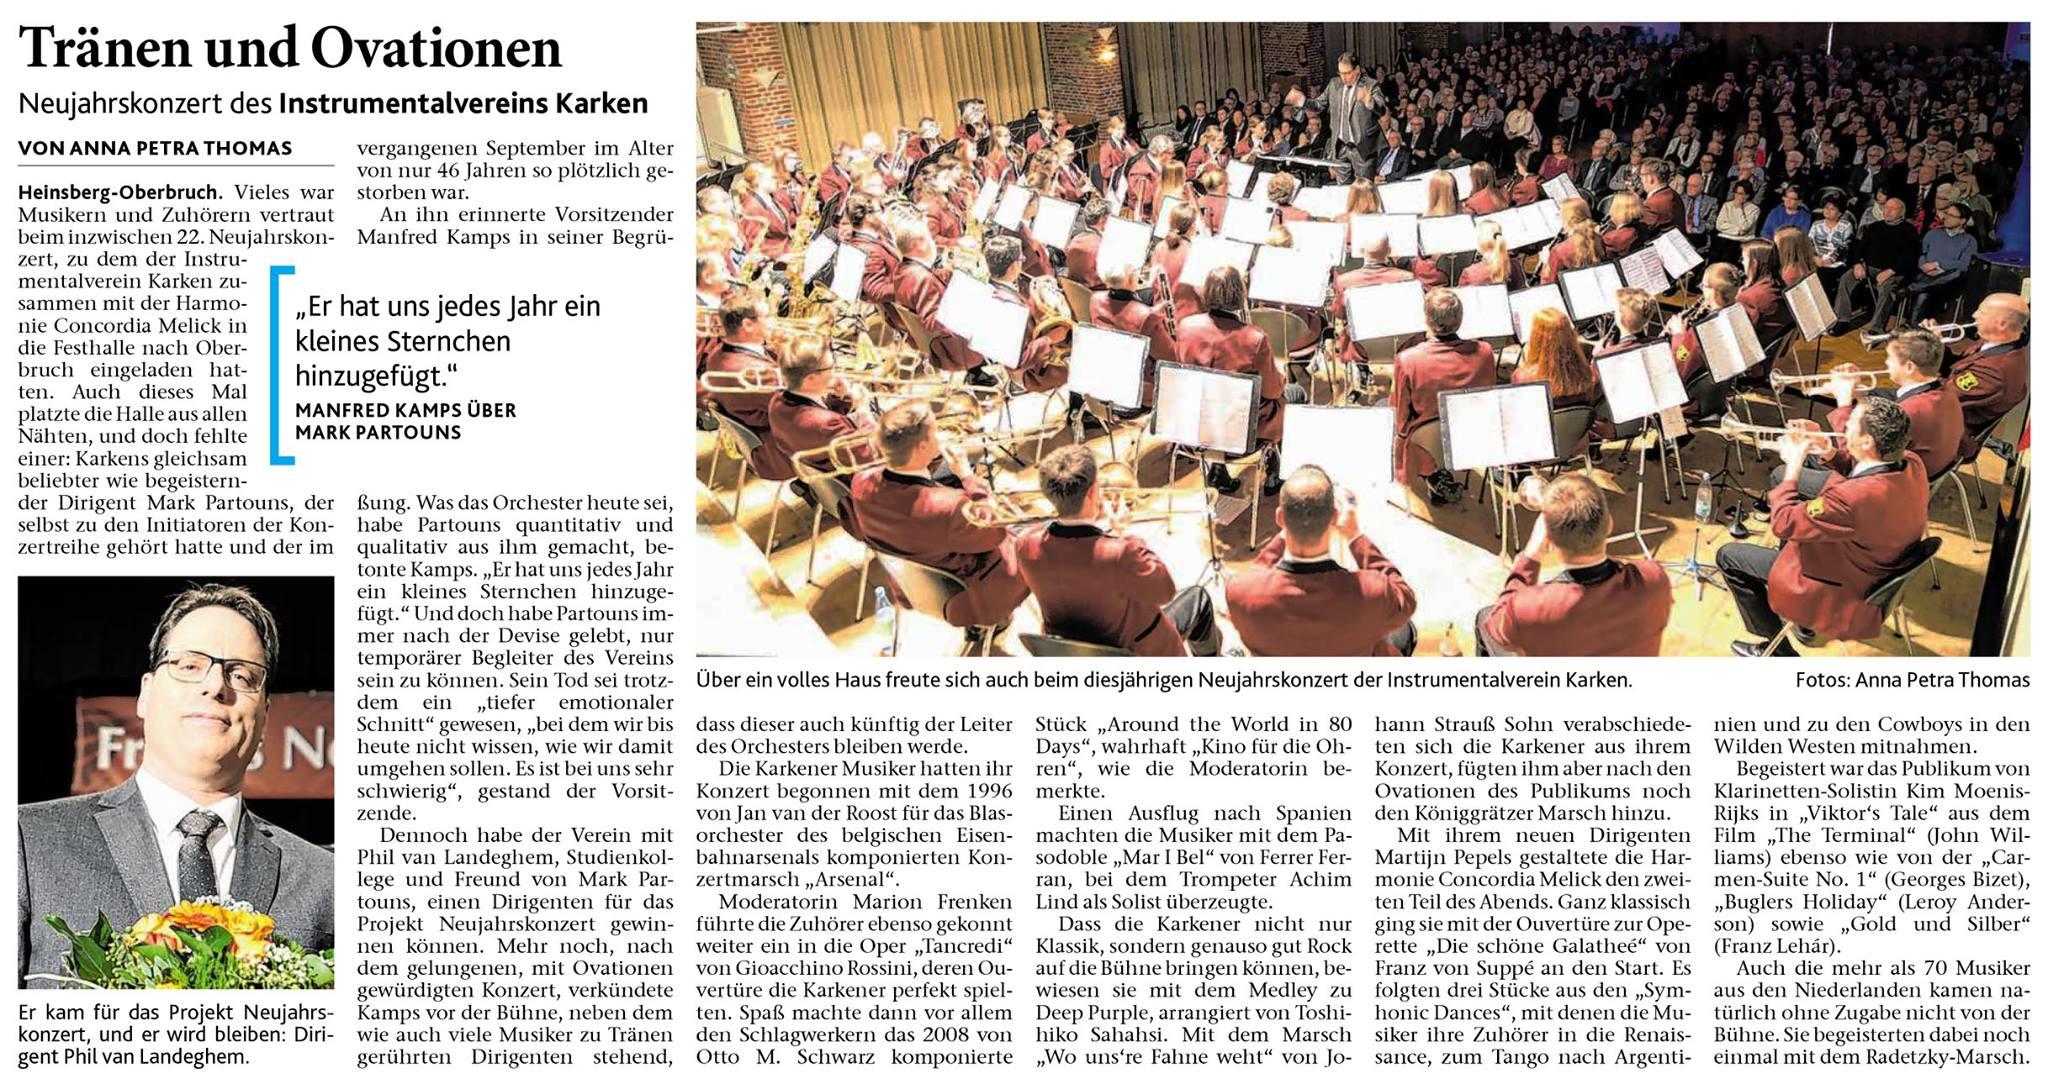 Artikel aus der Heinsberger Zeitung